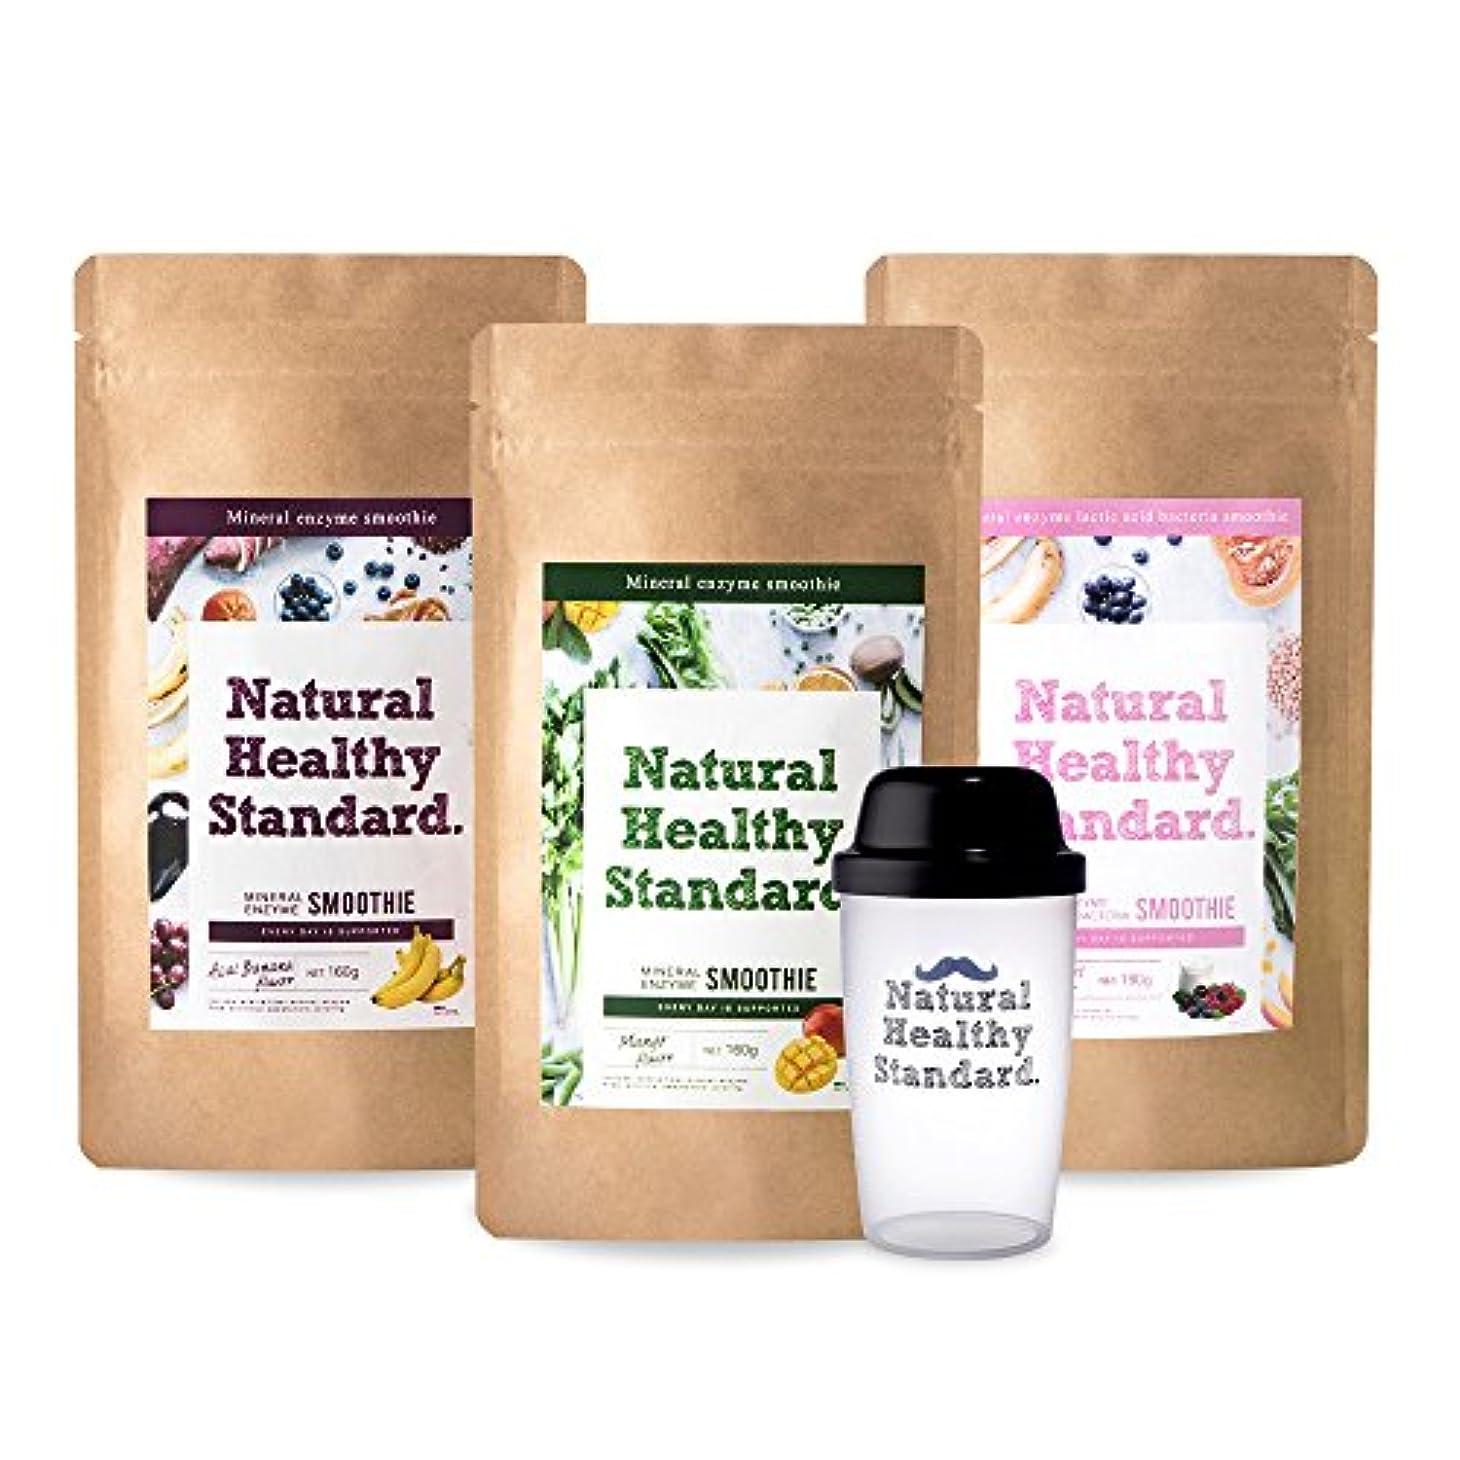 保安トリップ役員Natural Healthy Standard. 選べるスムージー3袋セット マンゴー アサイーバナナ 乳酸菌ベリーヨーグルト 160g×3袋